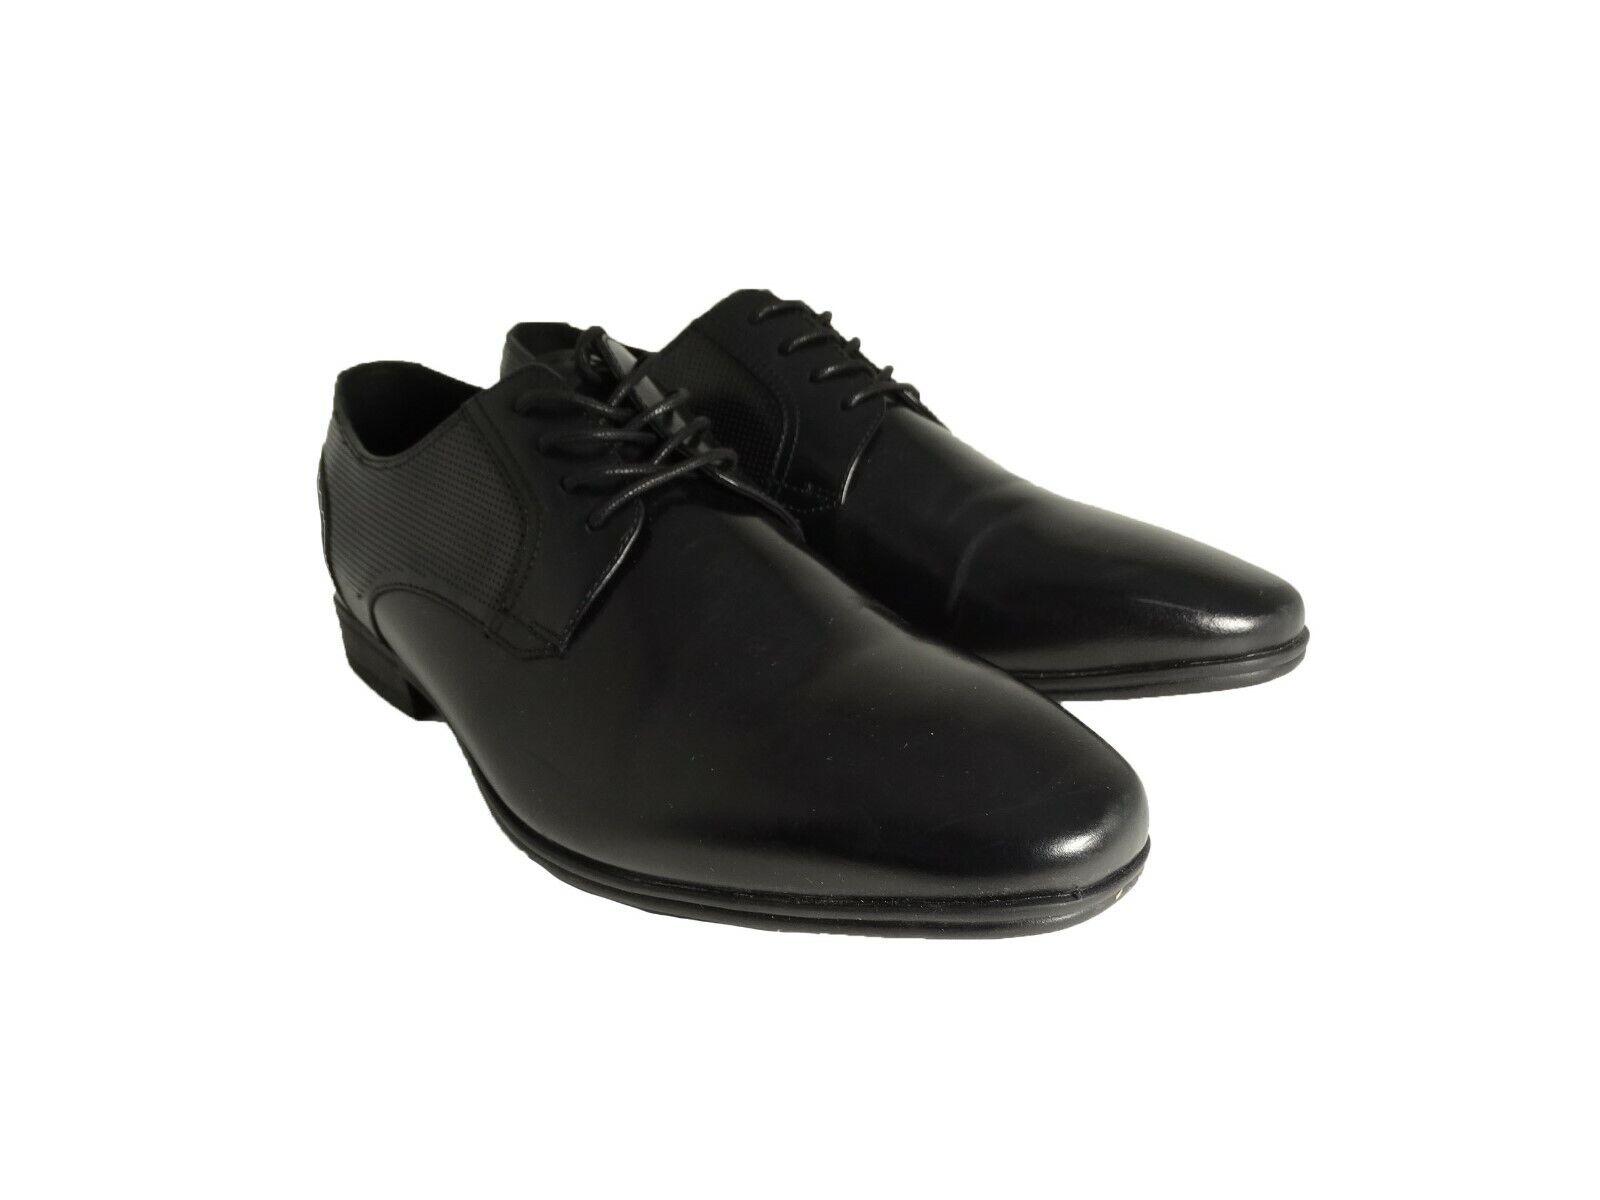 Kenneth Cole Reaction Men's Min Plain-Toe Oxfords Leather Black SZ 9M-US